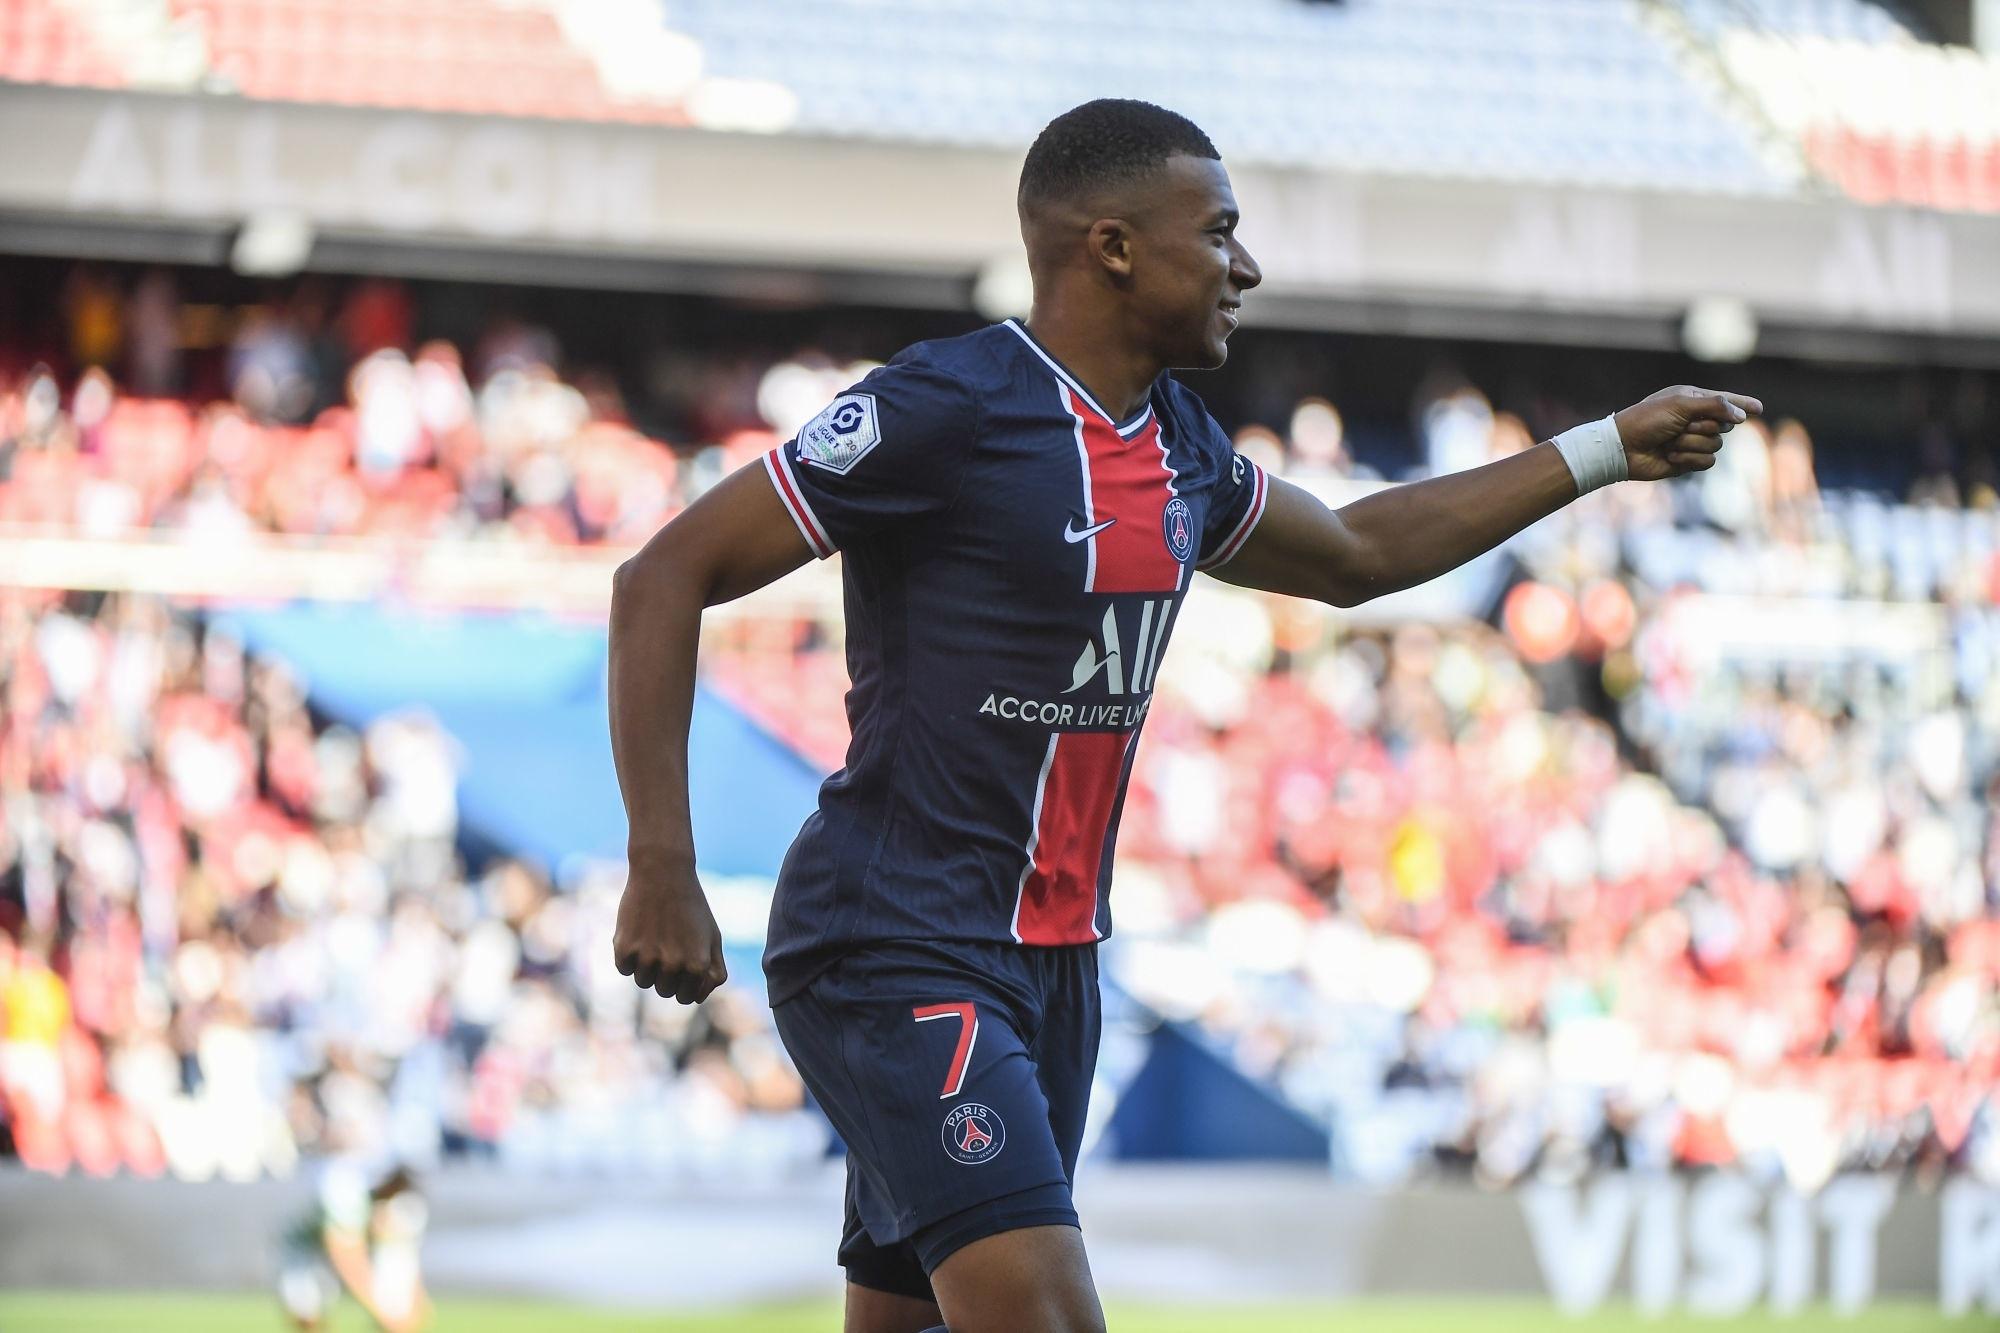 Pirès affirme que Mbappé doit apprendre au moins 1 an au PSG avant d'aller au Real